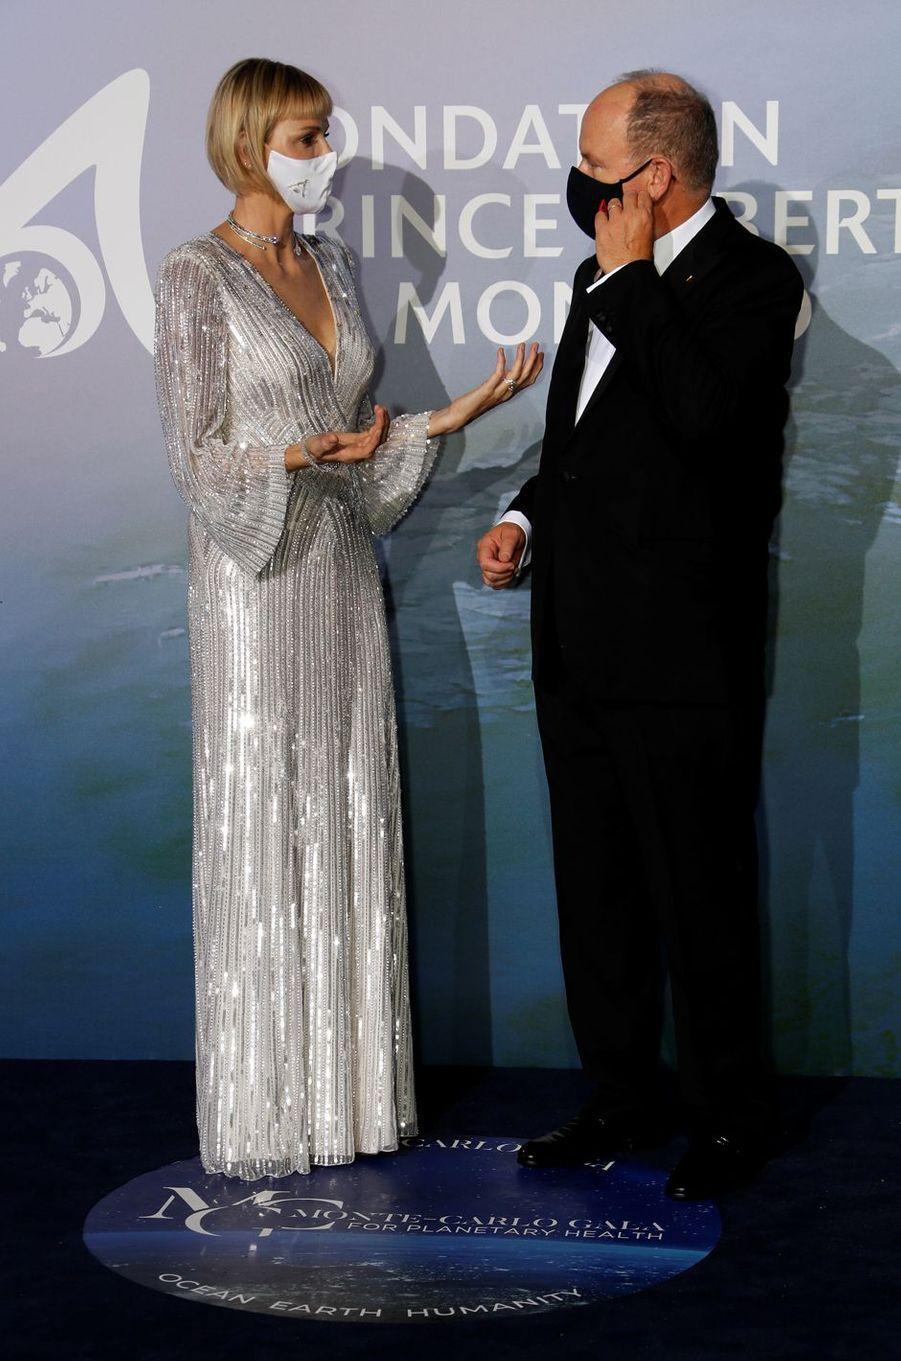 La princesse Charlène et le prince Albert II de Monaco, à Monaco le 24 septembre 2020